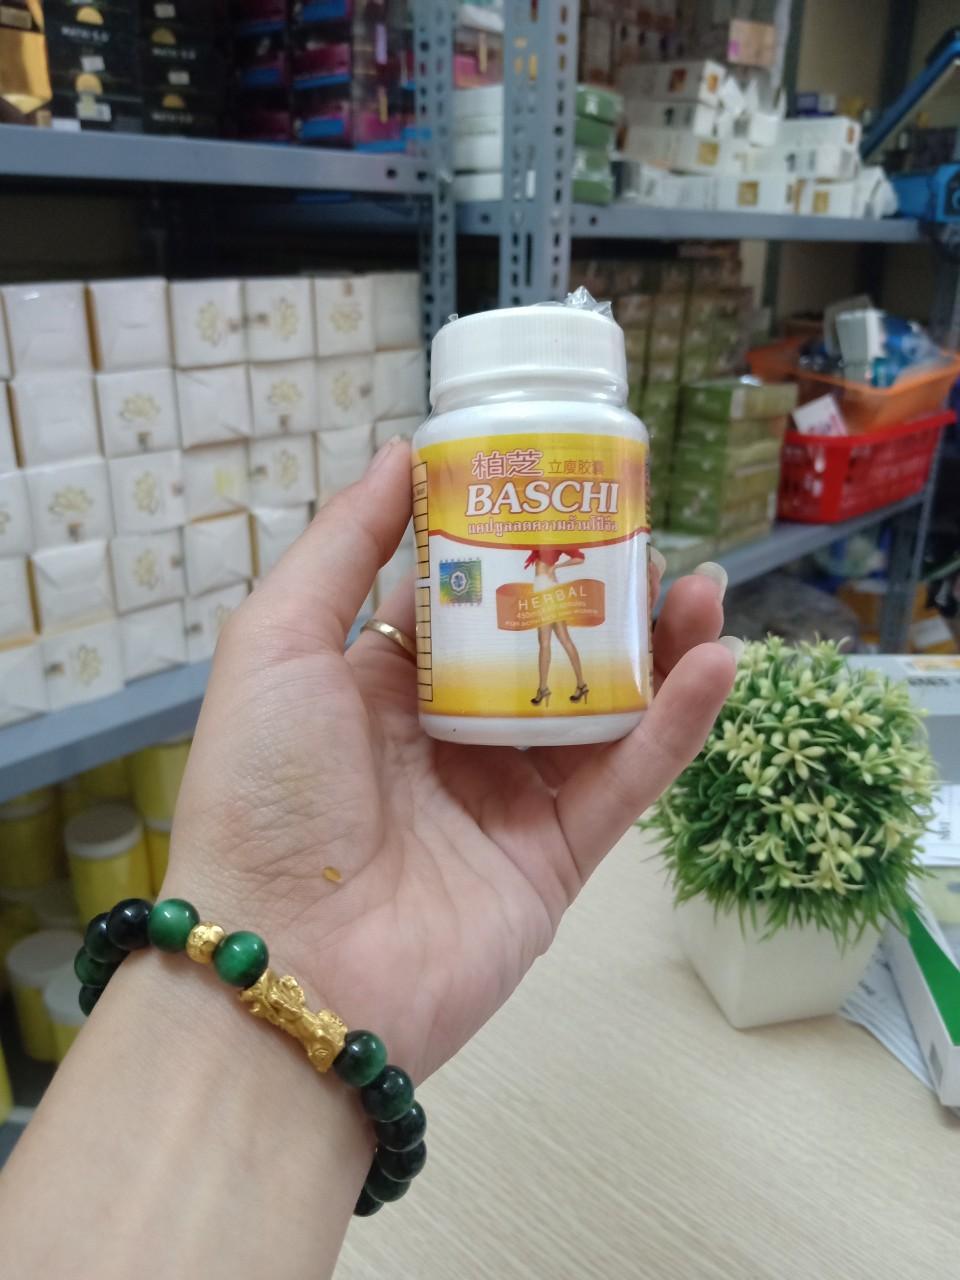 Viên Uống Giảm cân Baschi hộp nhựa 30 viên nhập khẩu